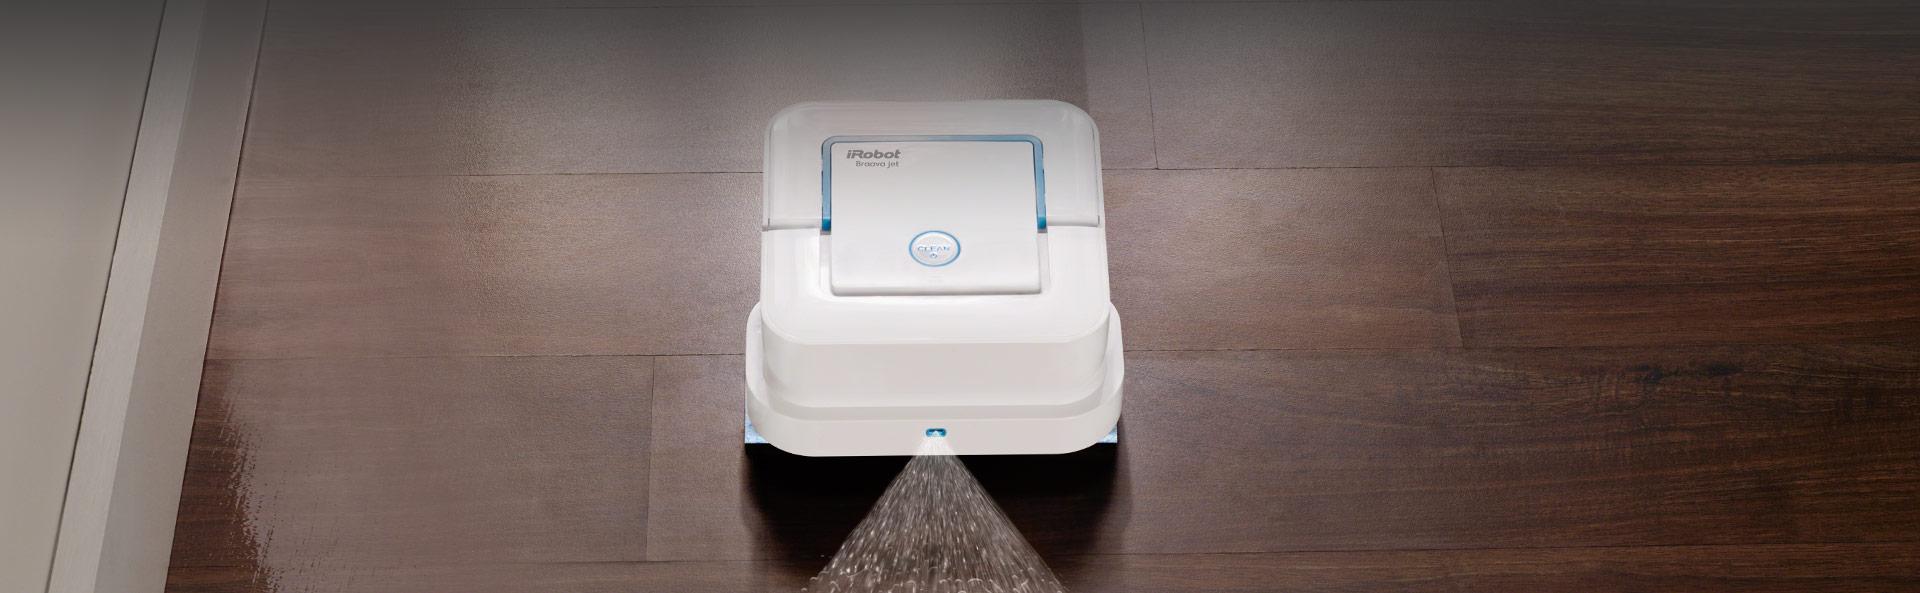 I Robot Lavapavimenti : Irobot braava jet robot lavapavimenti